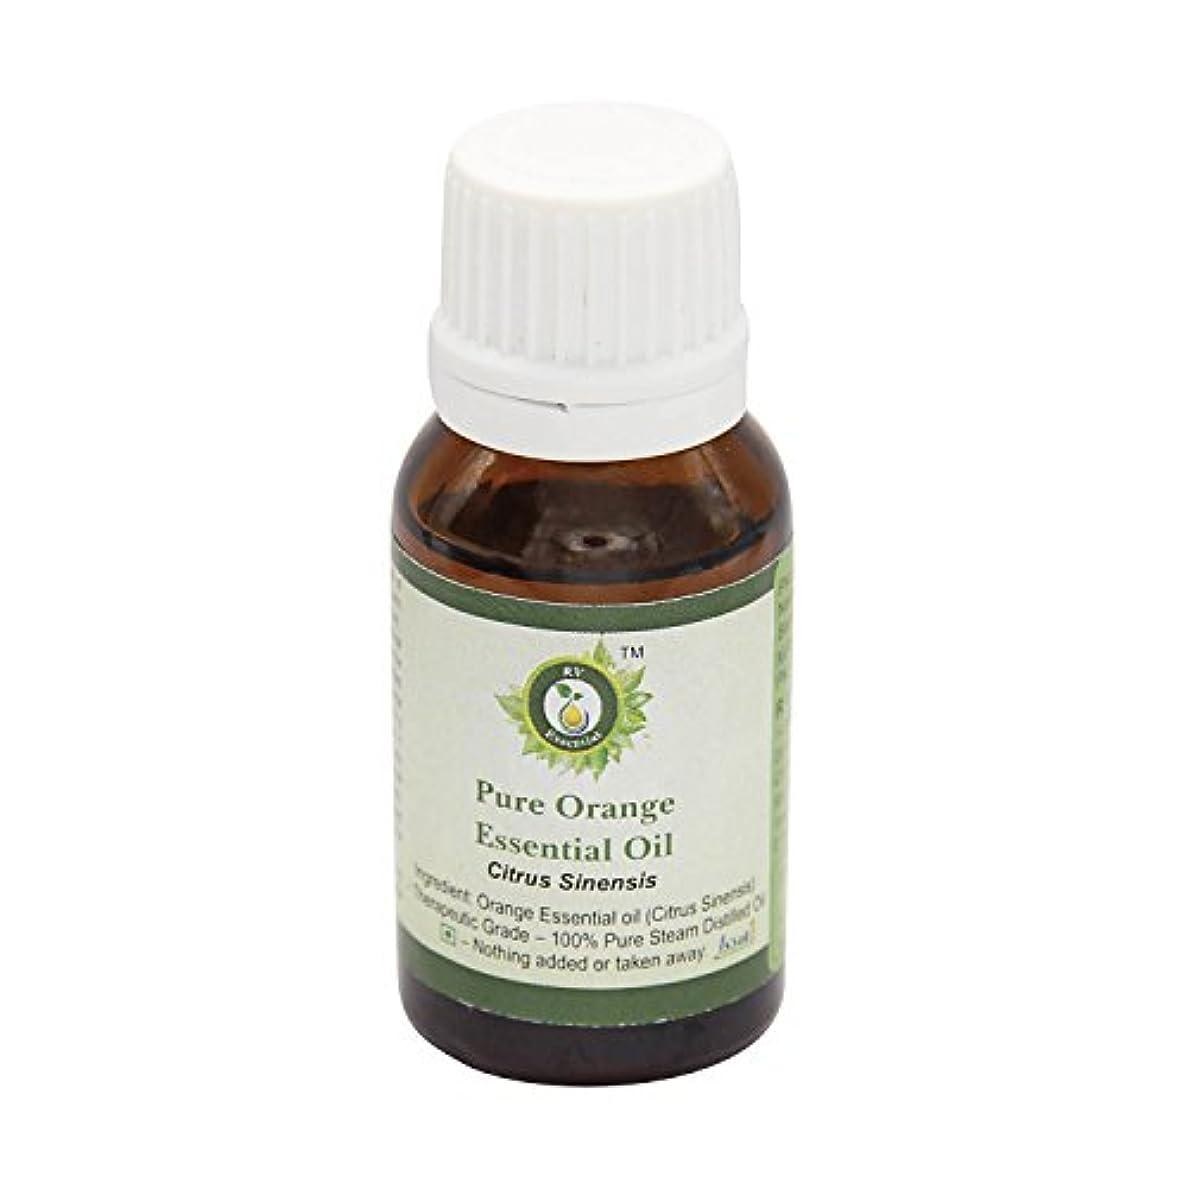 どきどき採用ロバR V Essential ピュアオレンジエッセンシャルオイル30ml (1.01oz)- Citrus Sinensis (100%純粋&天然スチームDistilled) Pure Orange Essential Oil